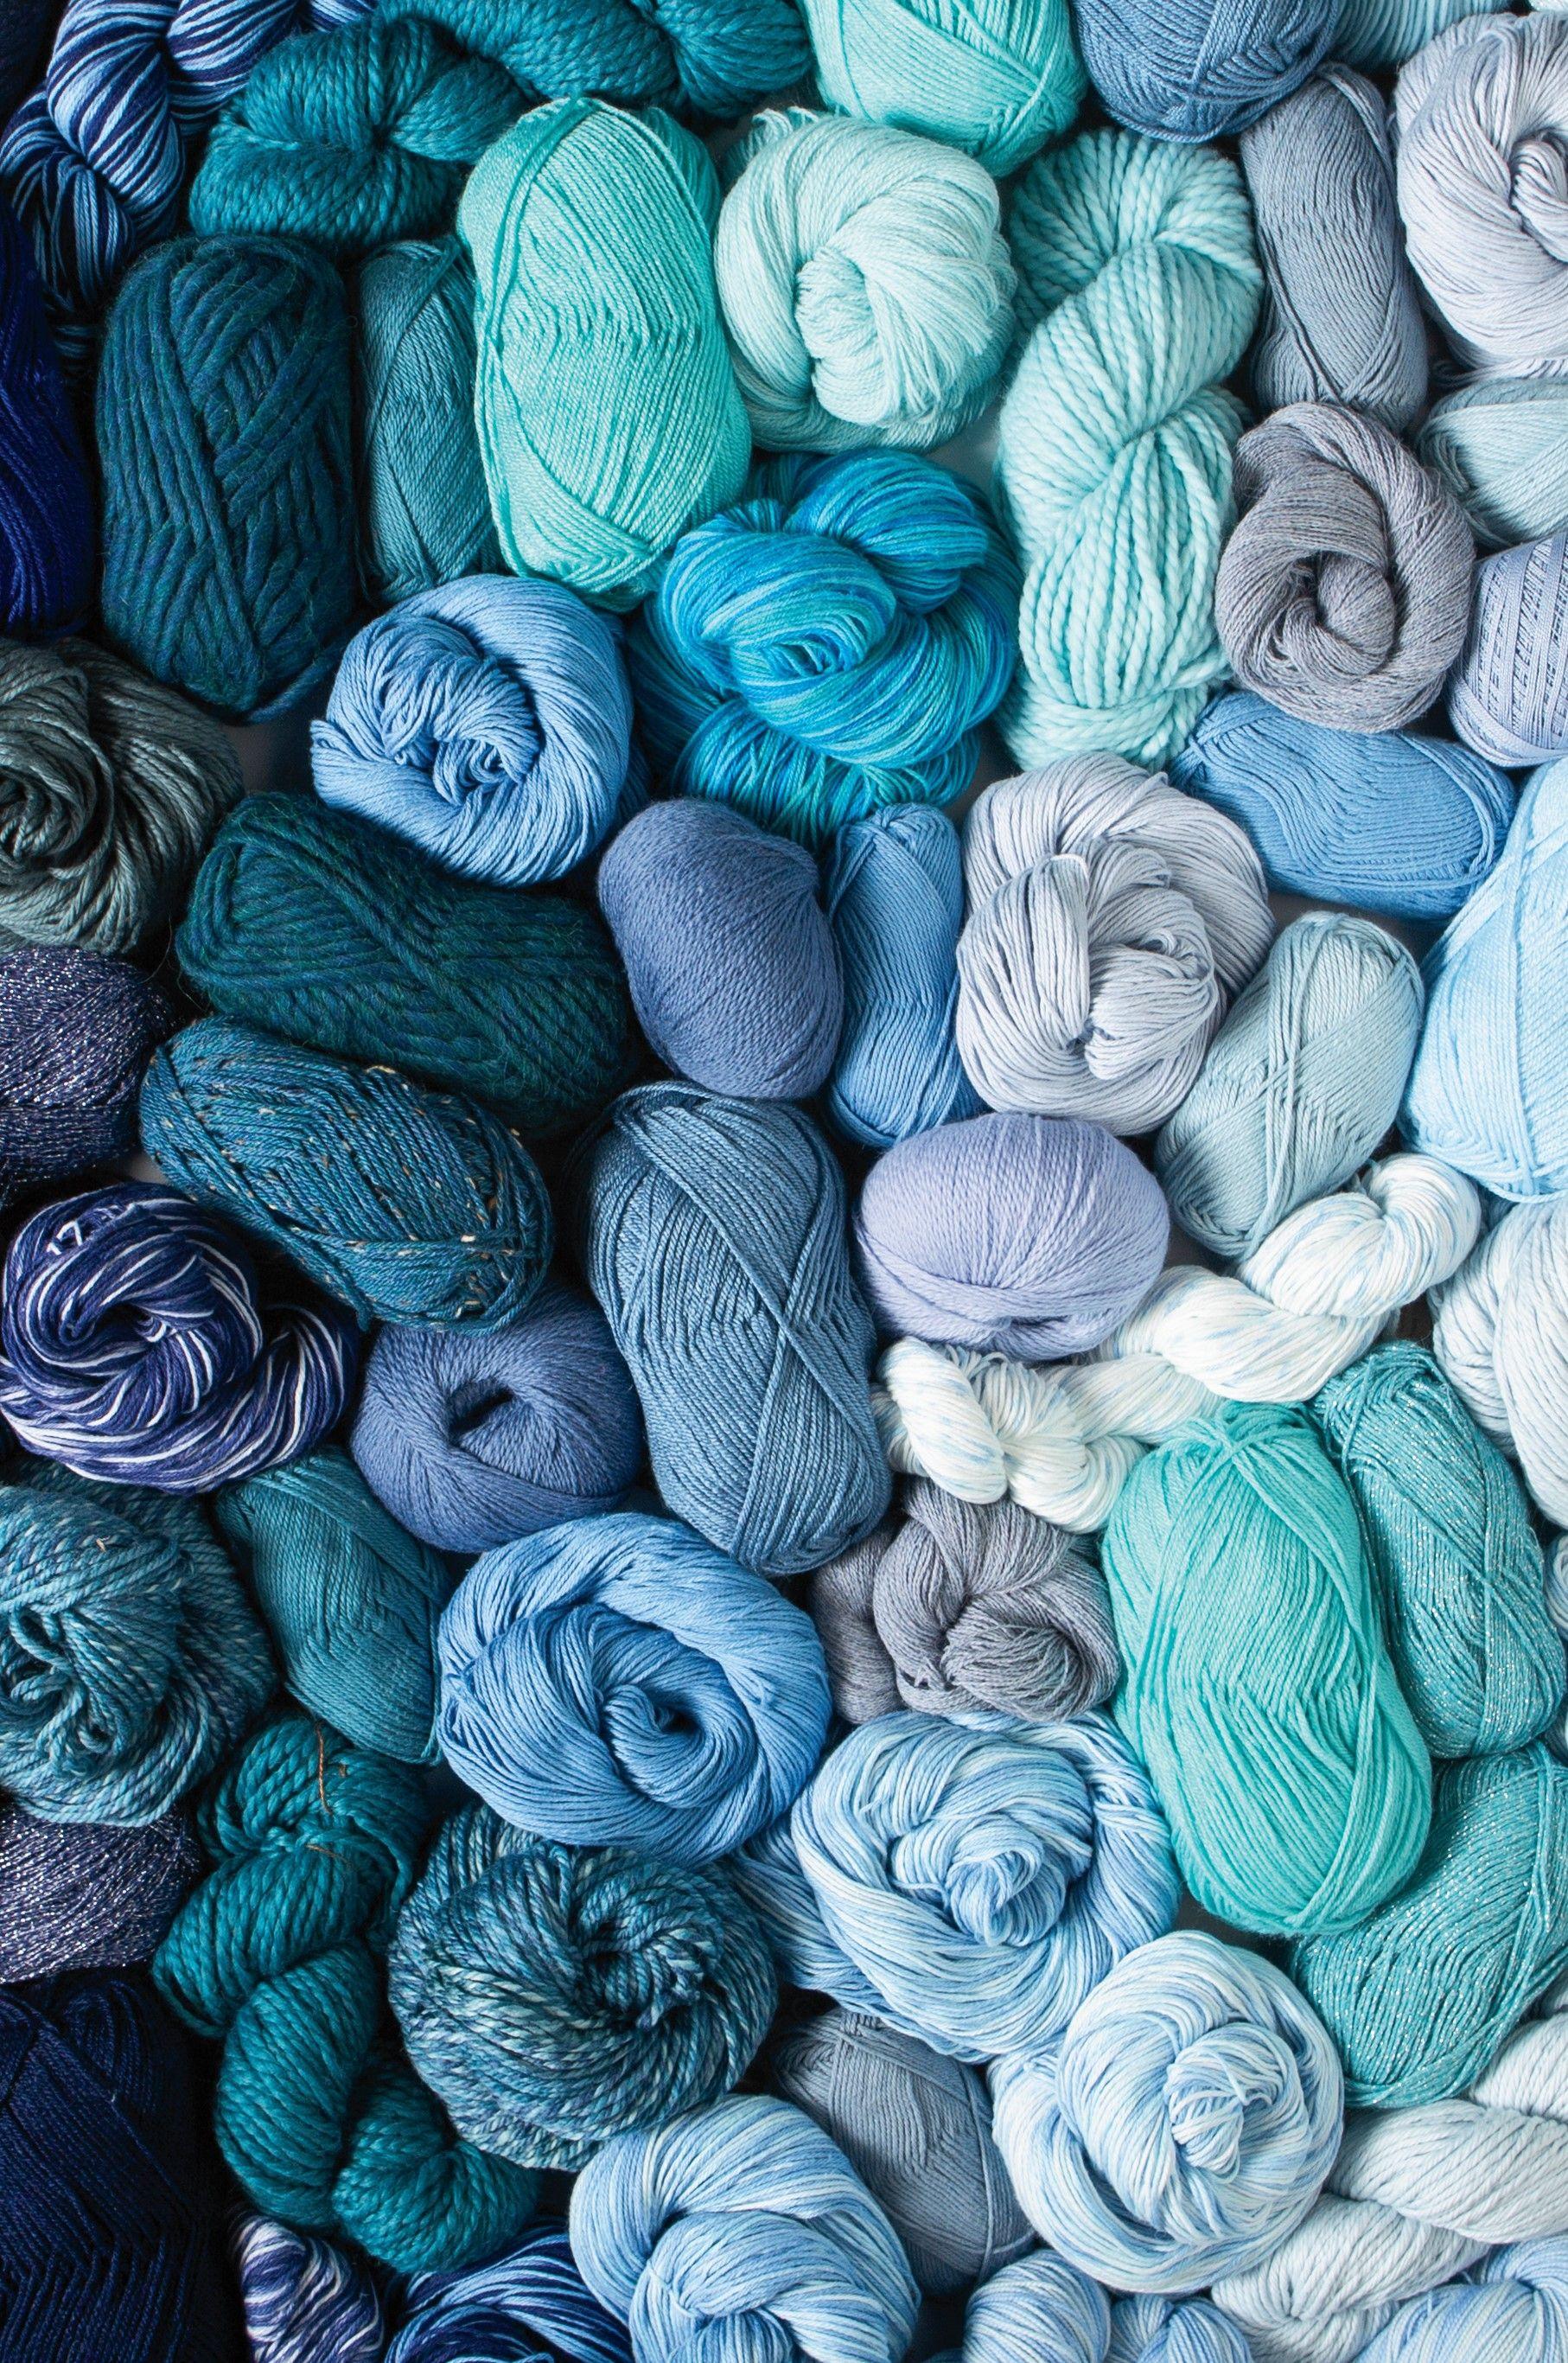 Woolen Art Iphone 5 Wallpaper 640x1136 Embroidery Floss Stitch Patterns Modern Crochet